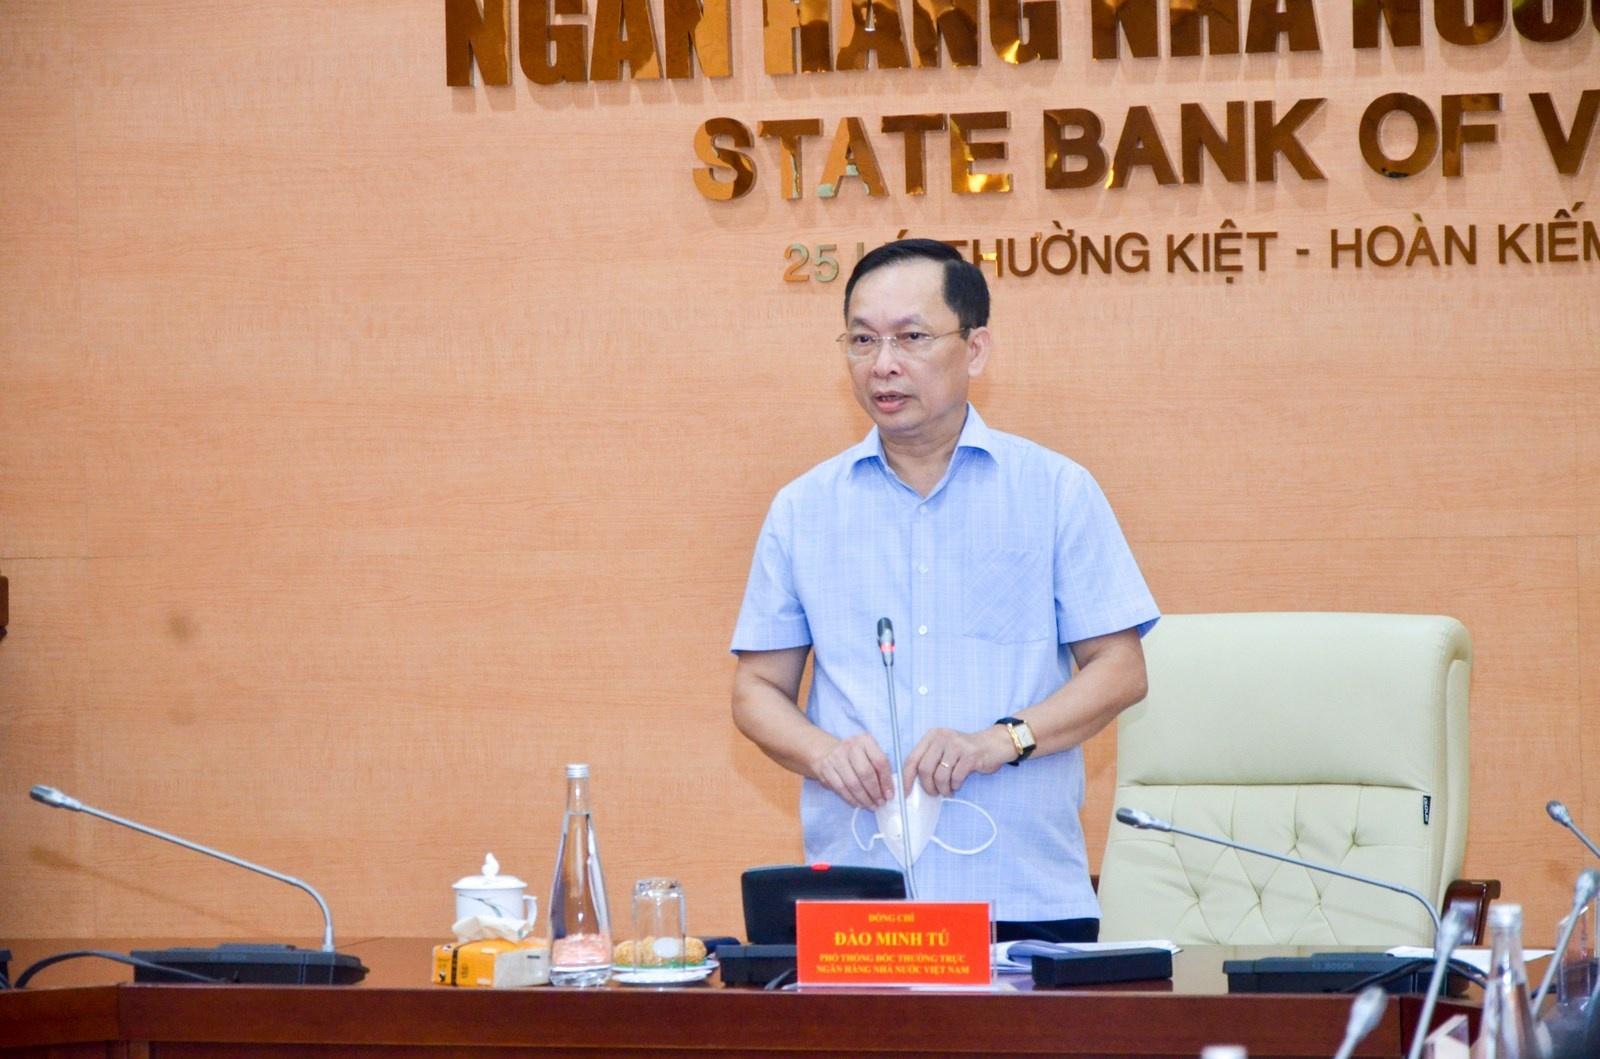 Ngành Ngân hàng sẵn sàng giải pháp hỗ trợ cho hàng không Việt